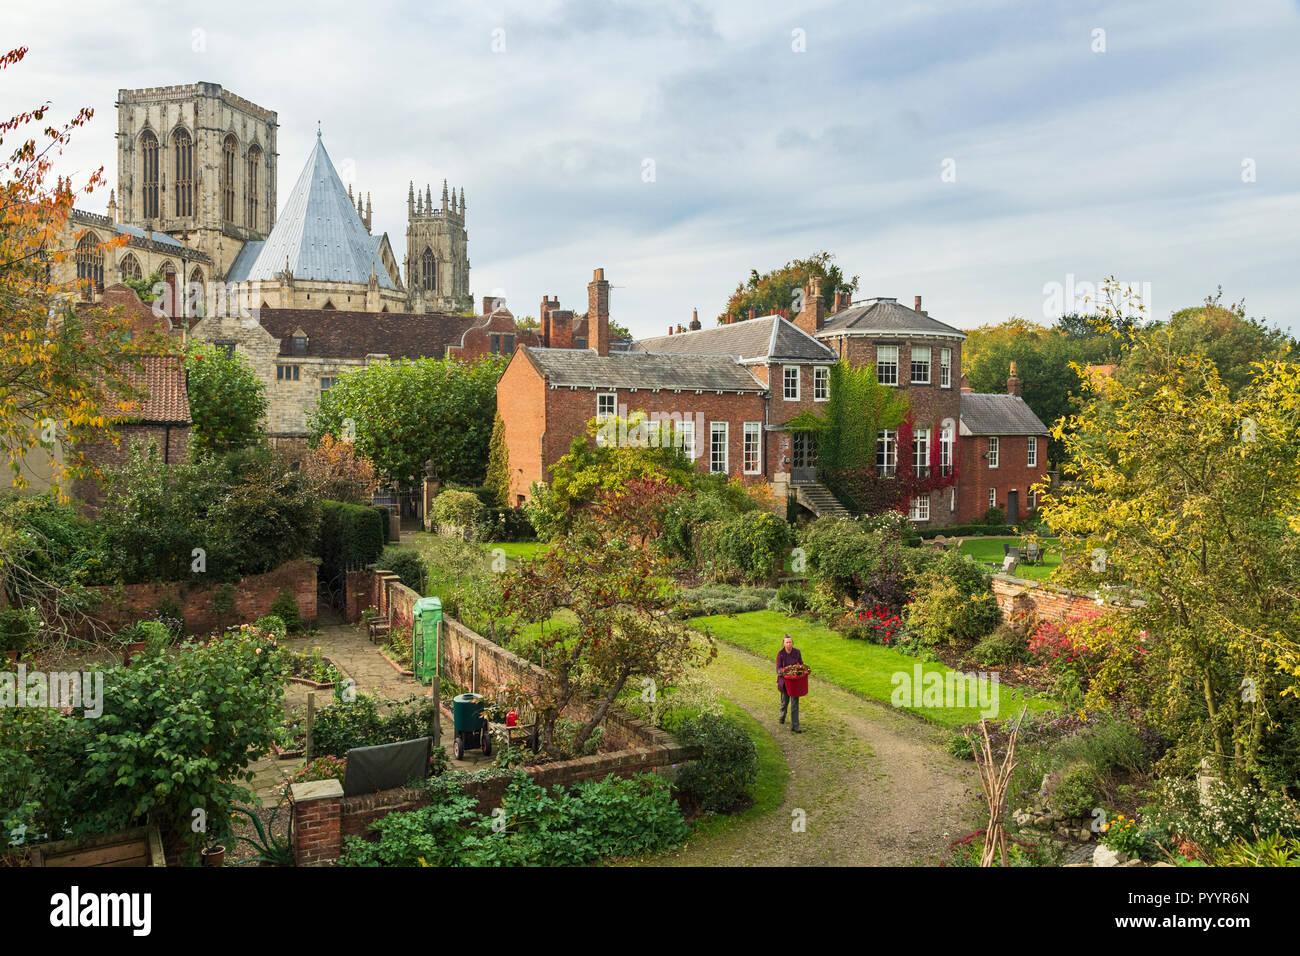 Vue panoramique de bâtiments historiques de murs de ville - Cour (Gris) travail jardinier Minster & Trésorier's House, York, North Yorkshire, Angleterre, Royaume-Uni. Banque D'Images